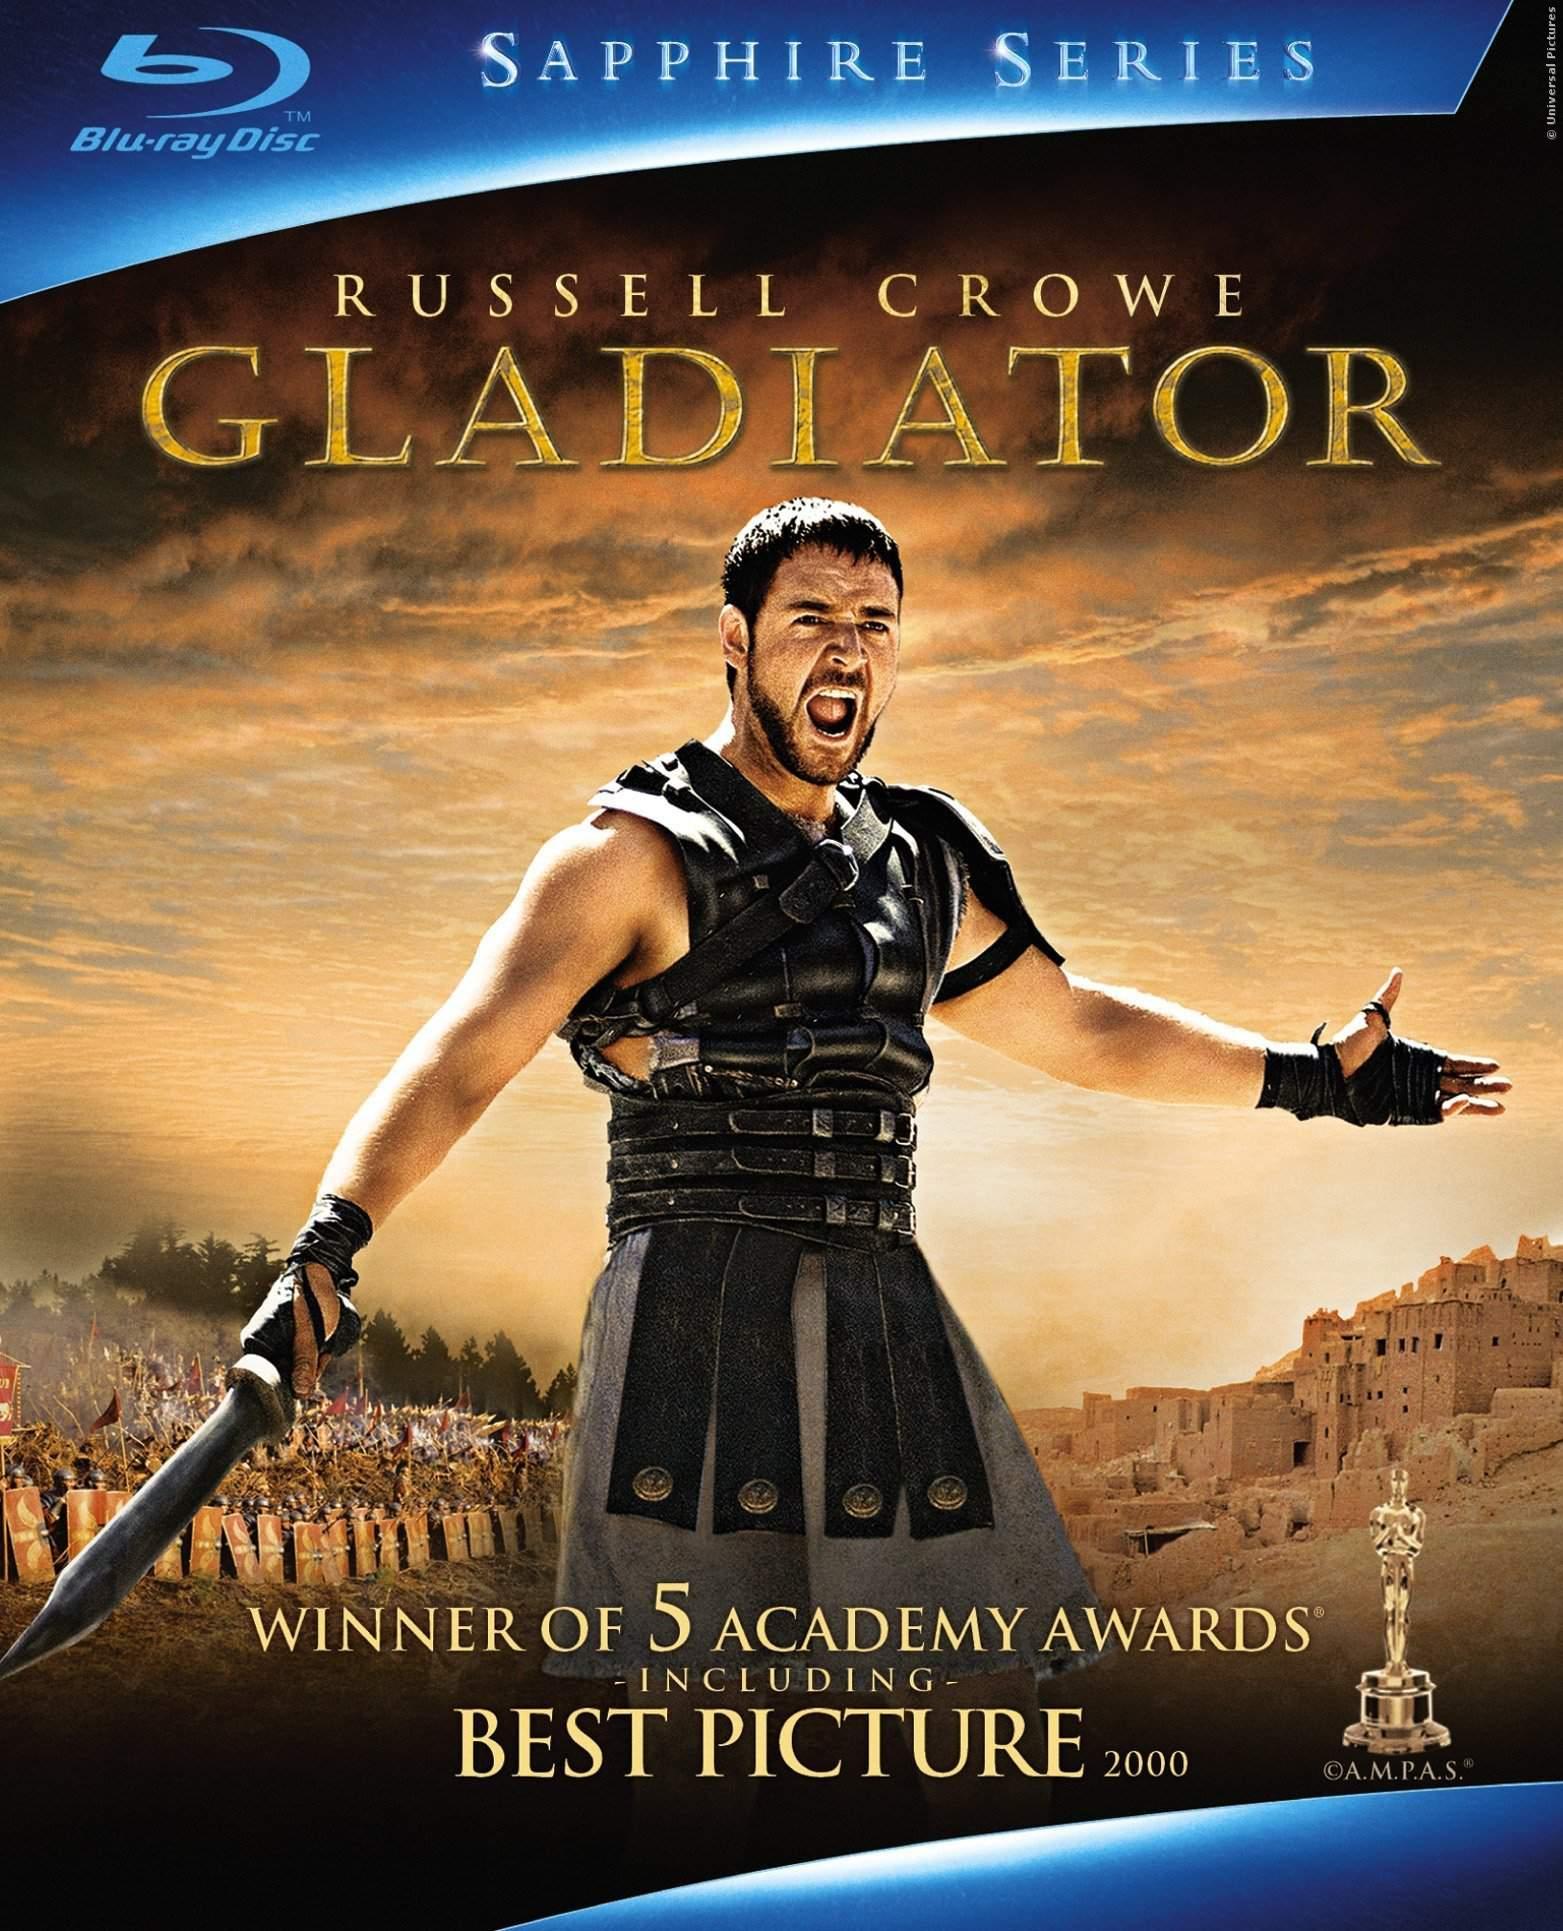 Russel Crowe hasst gleich das ganze Team von Gladiator. Einer der Mitarbeiter steckte der Presse, dass Crowe ganz schlimmen Mundgeruch hat.